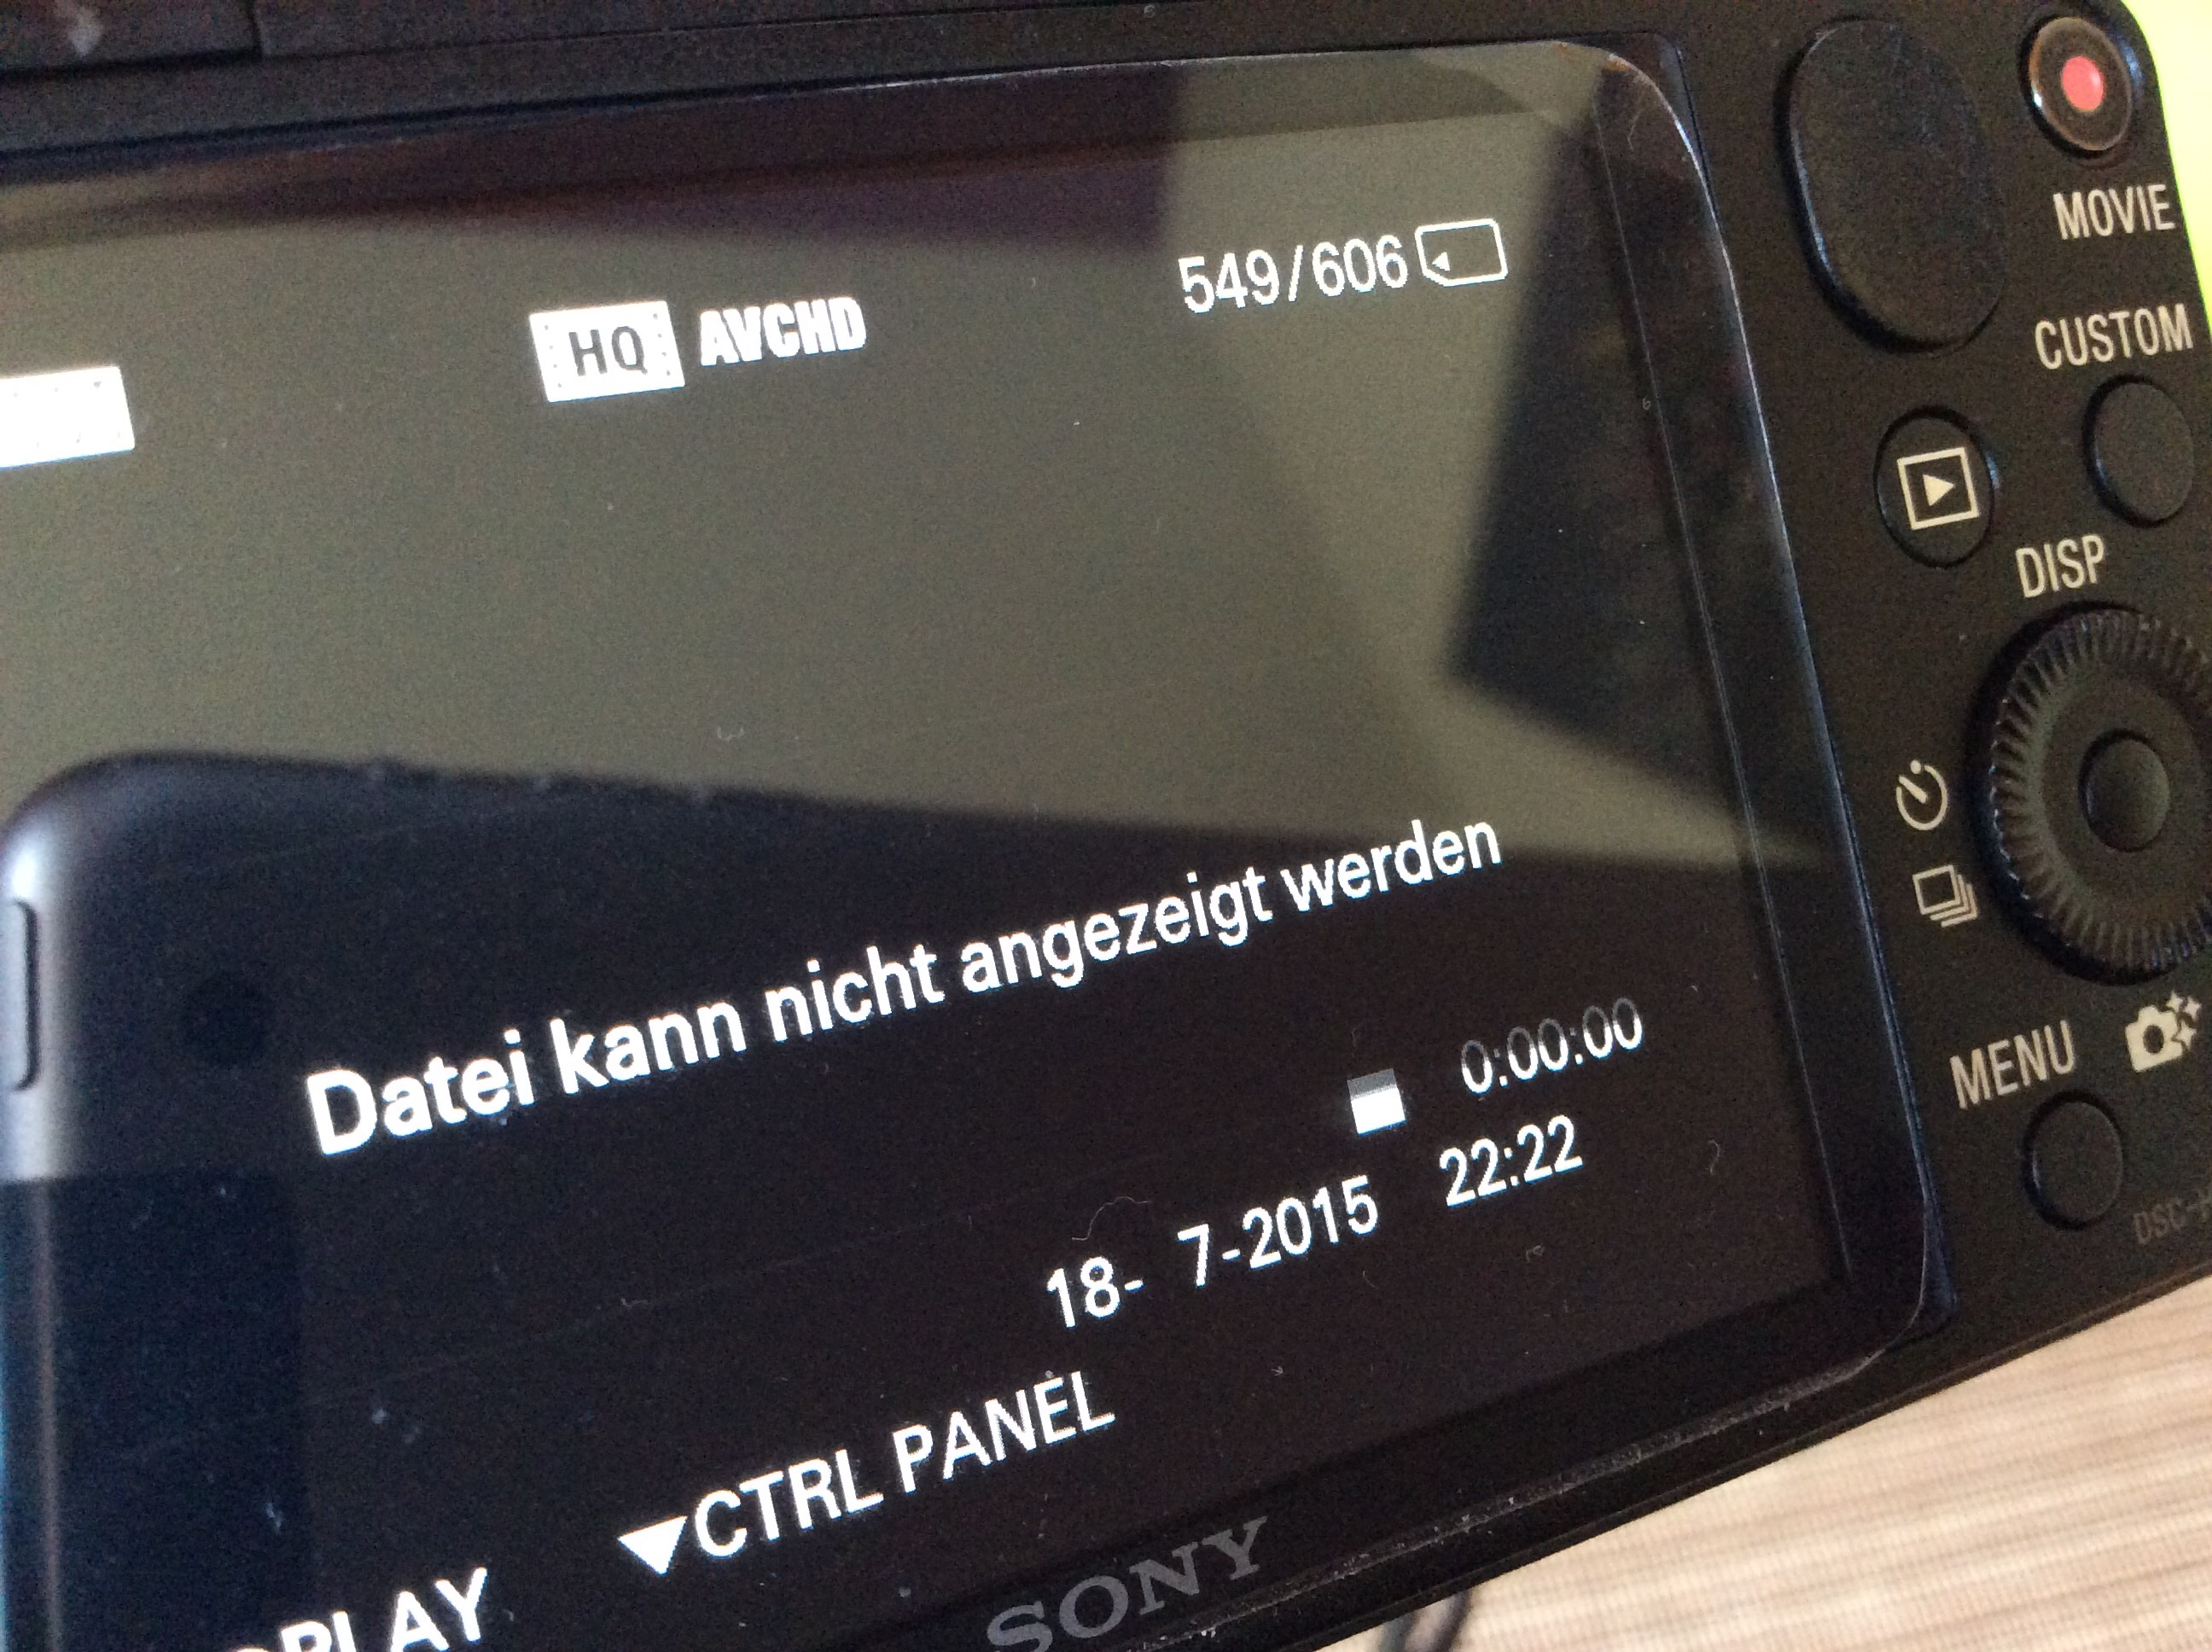 Iphone spielt gespeicherte videos nicht mehr ab